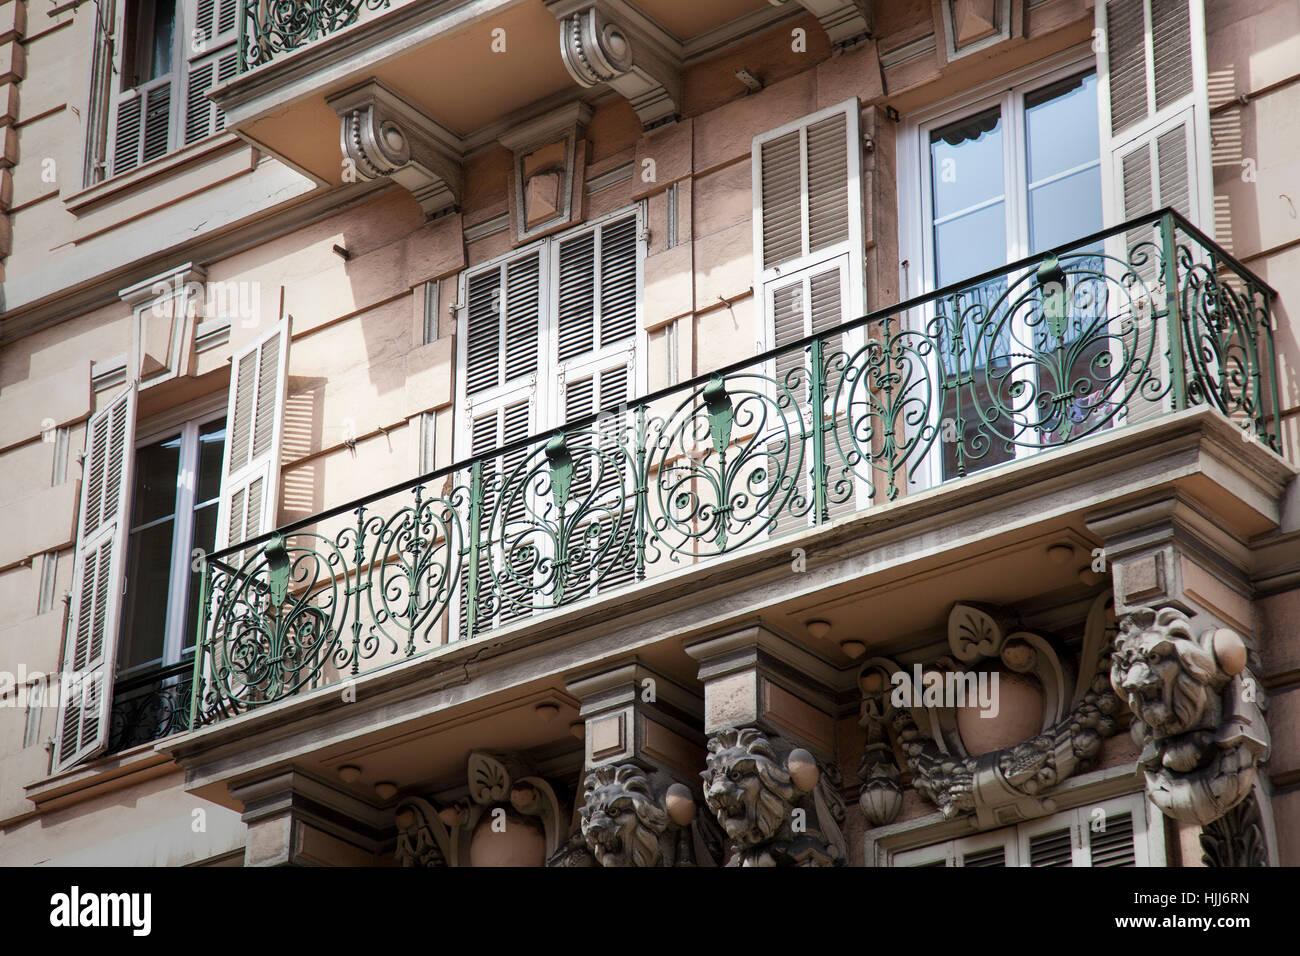 fenster, bullauge, dachfenster, fenster, balkon, fensterläden